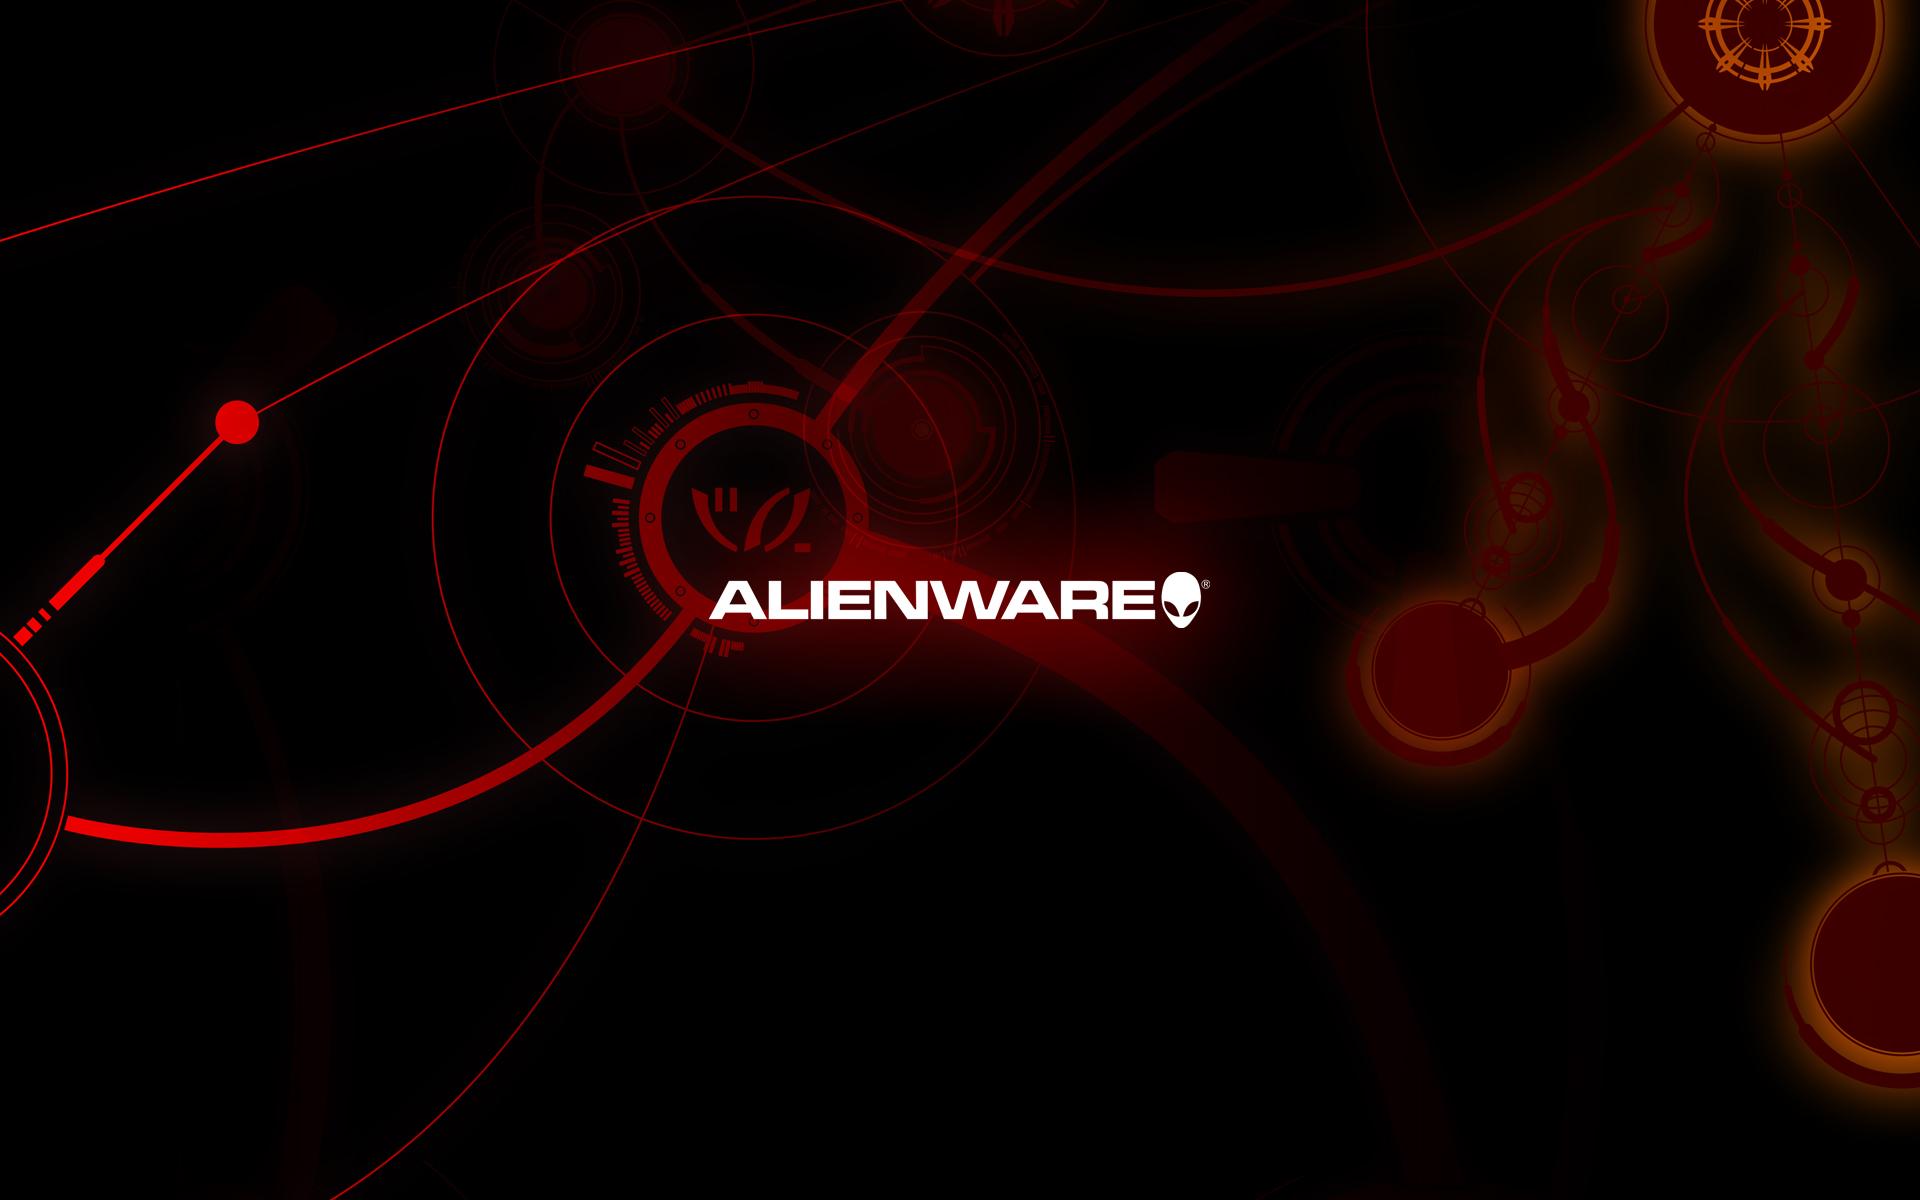 Alienware Computer Wallpapers Desktop Backgrounds 1920x1200 ID 1920x1200